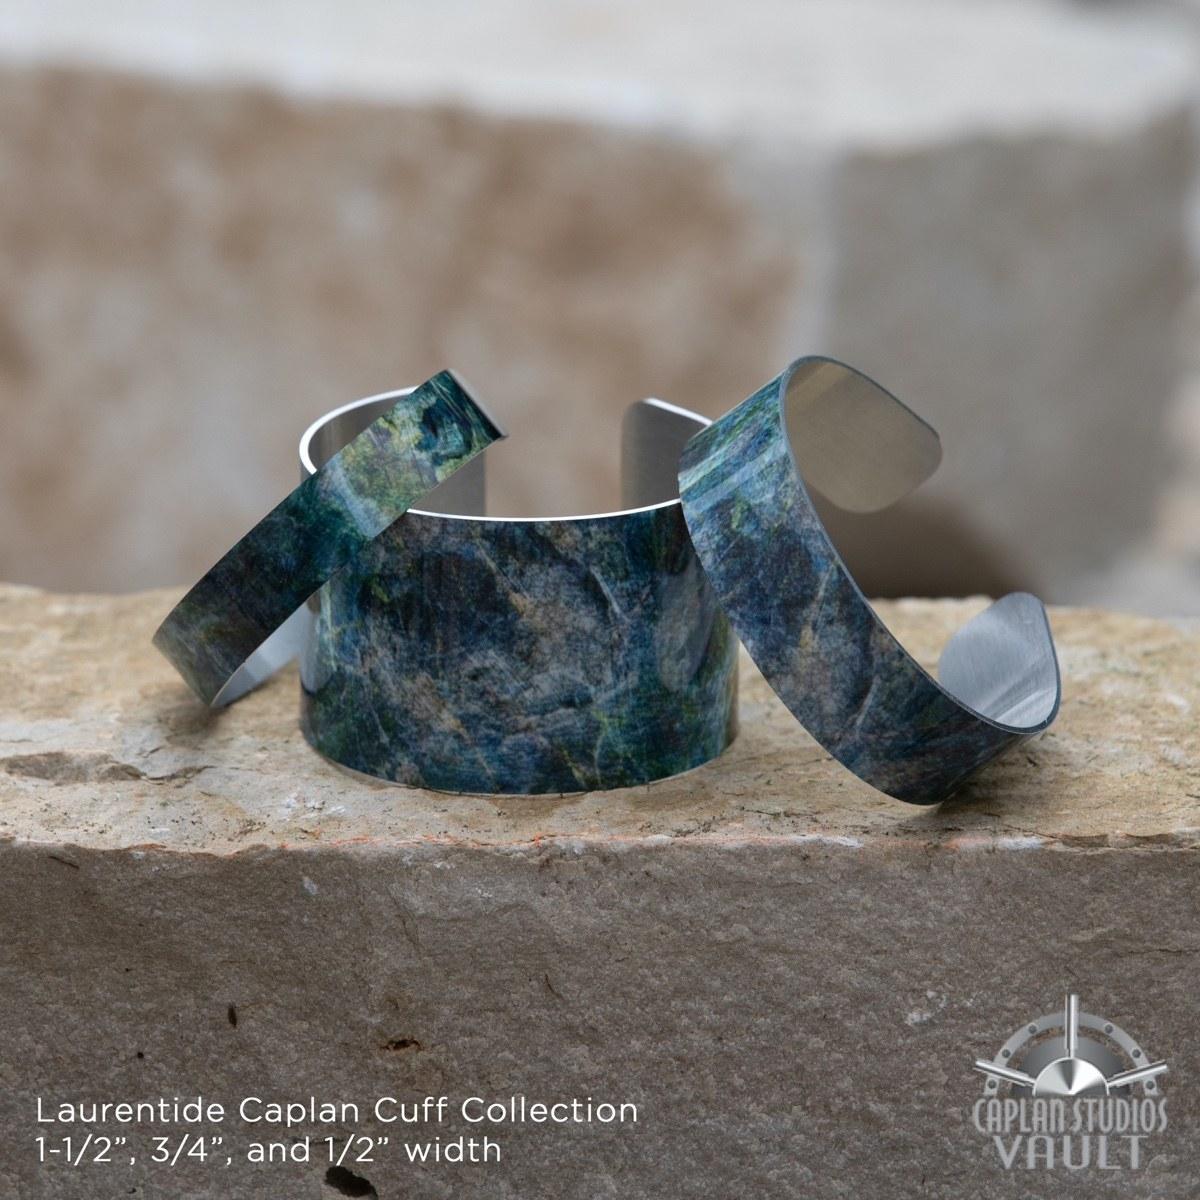 Laurentide Caplan Cuff